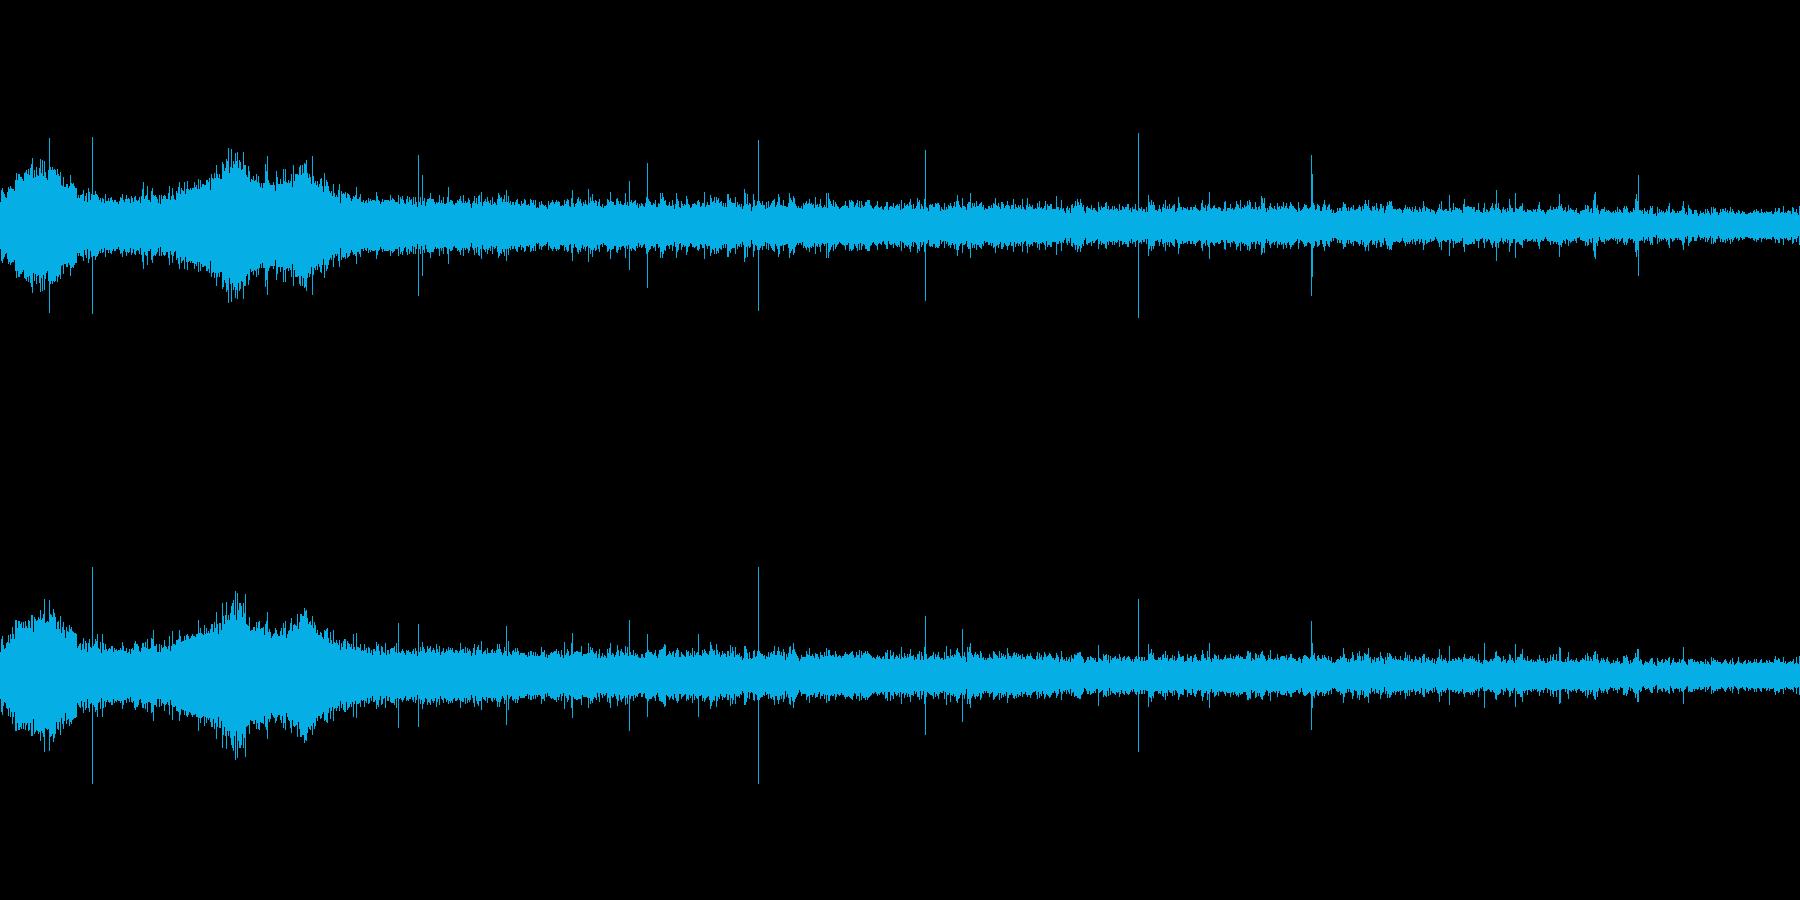 【生音】 梅雨 - 豪雨_21の再生済みの波形